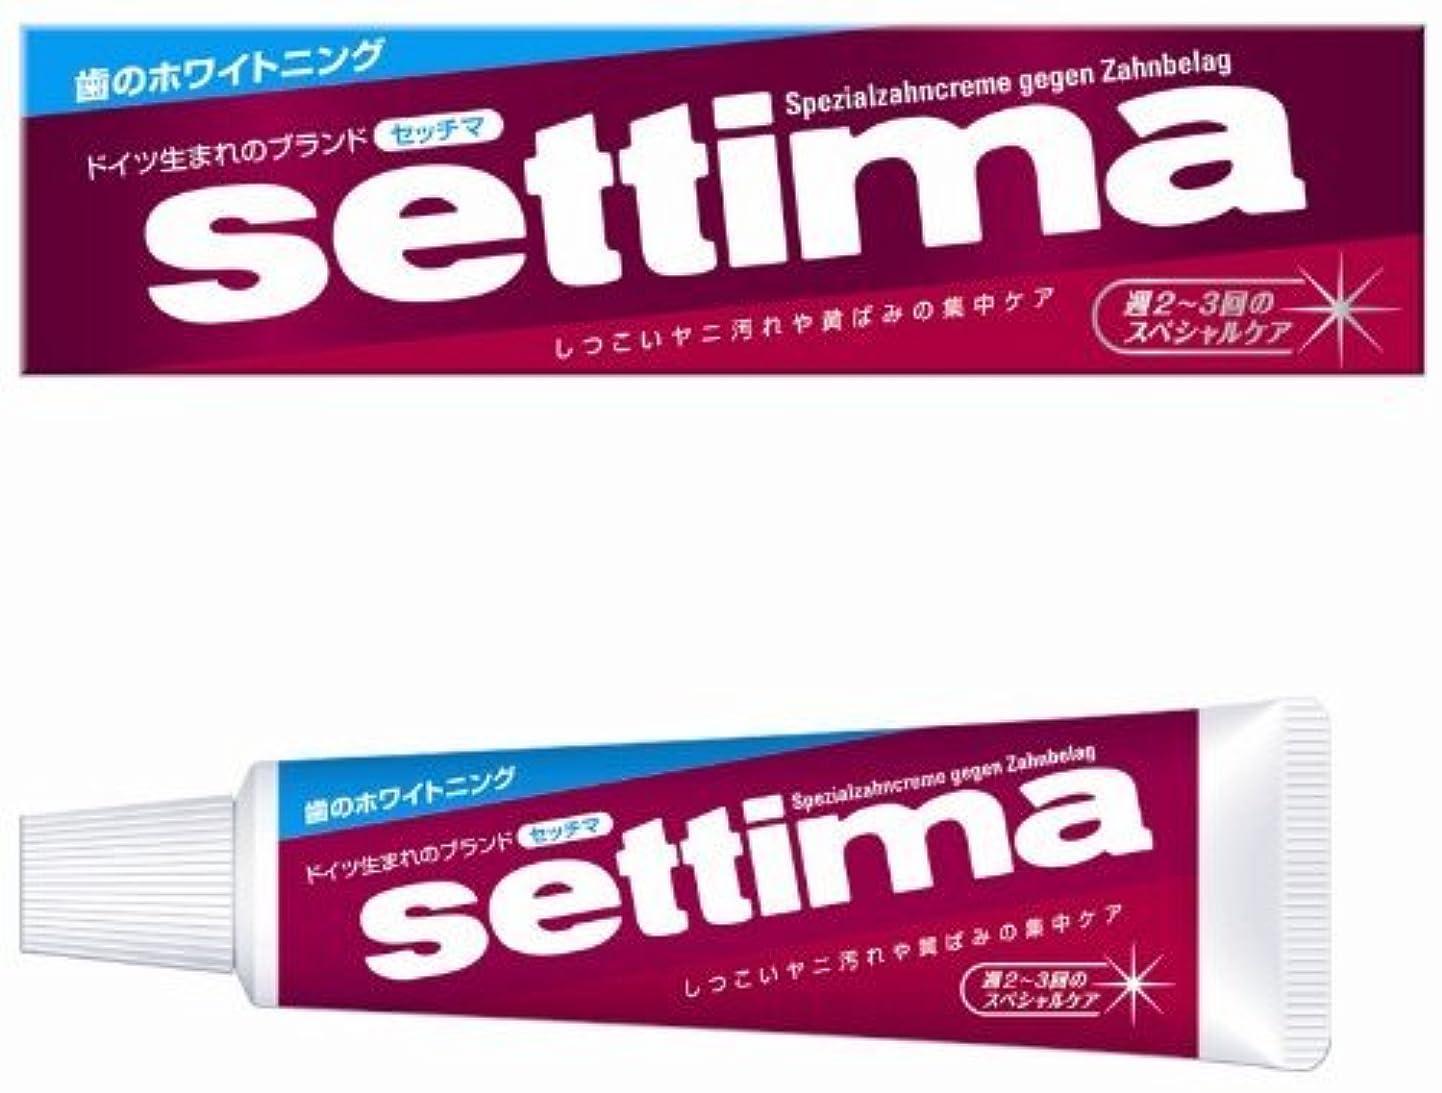 欲望ペット分離settima(セッチマ) はみがき スペシャル (箱タイプ) 40g